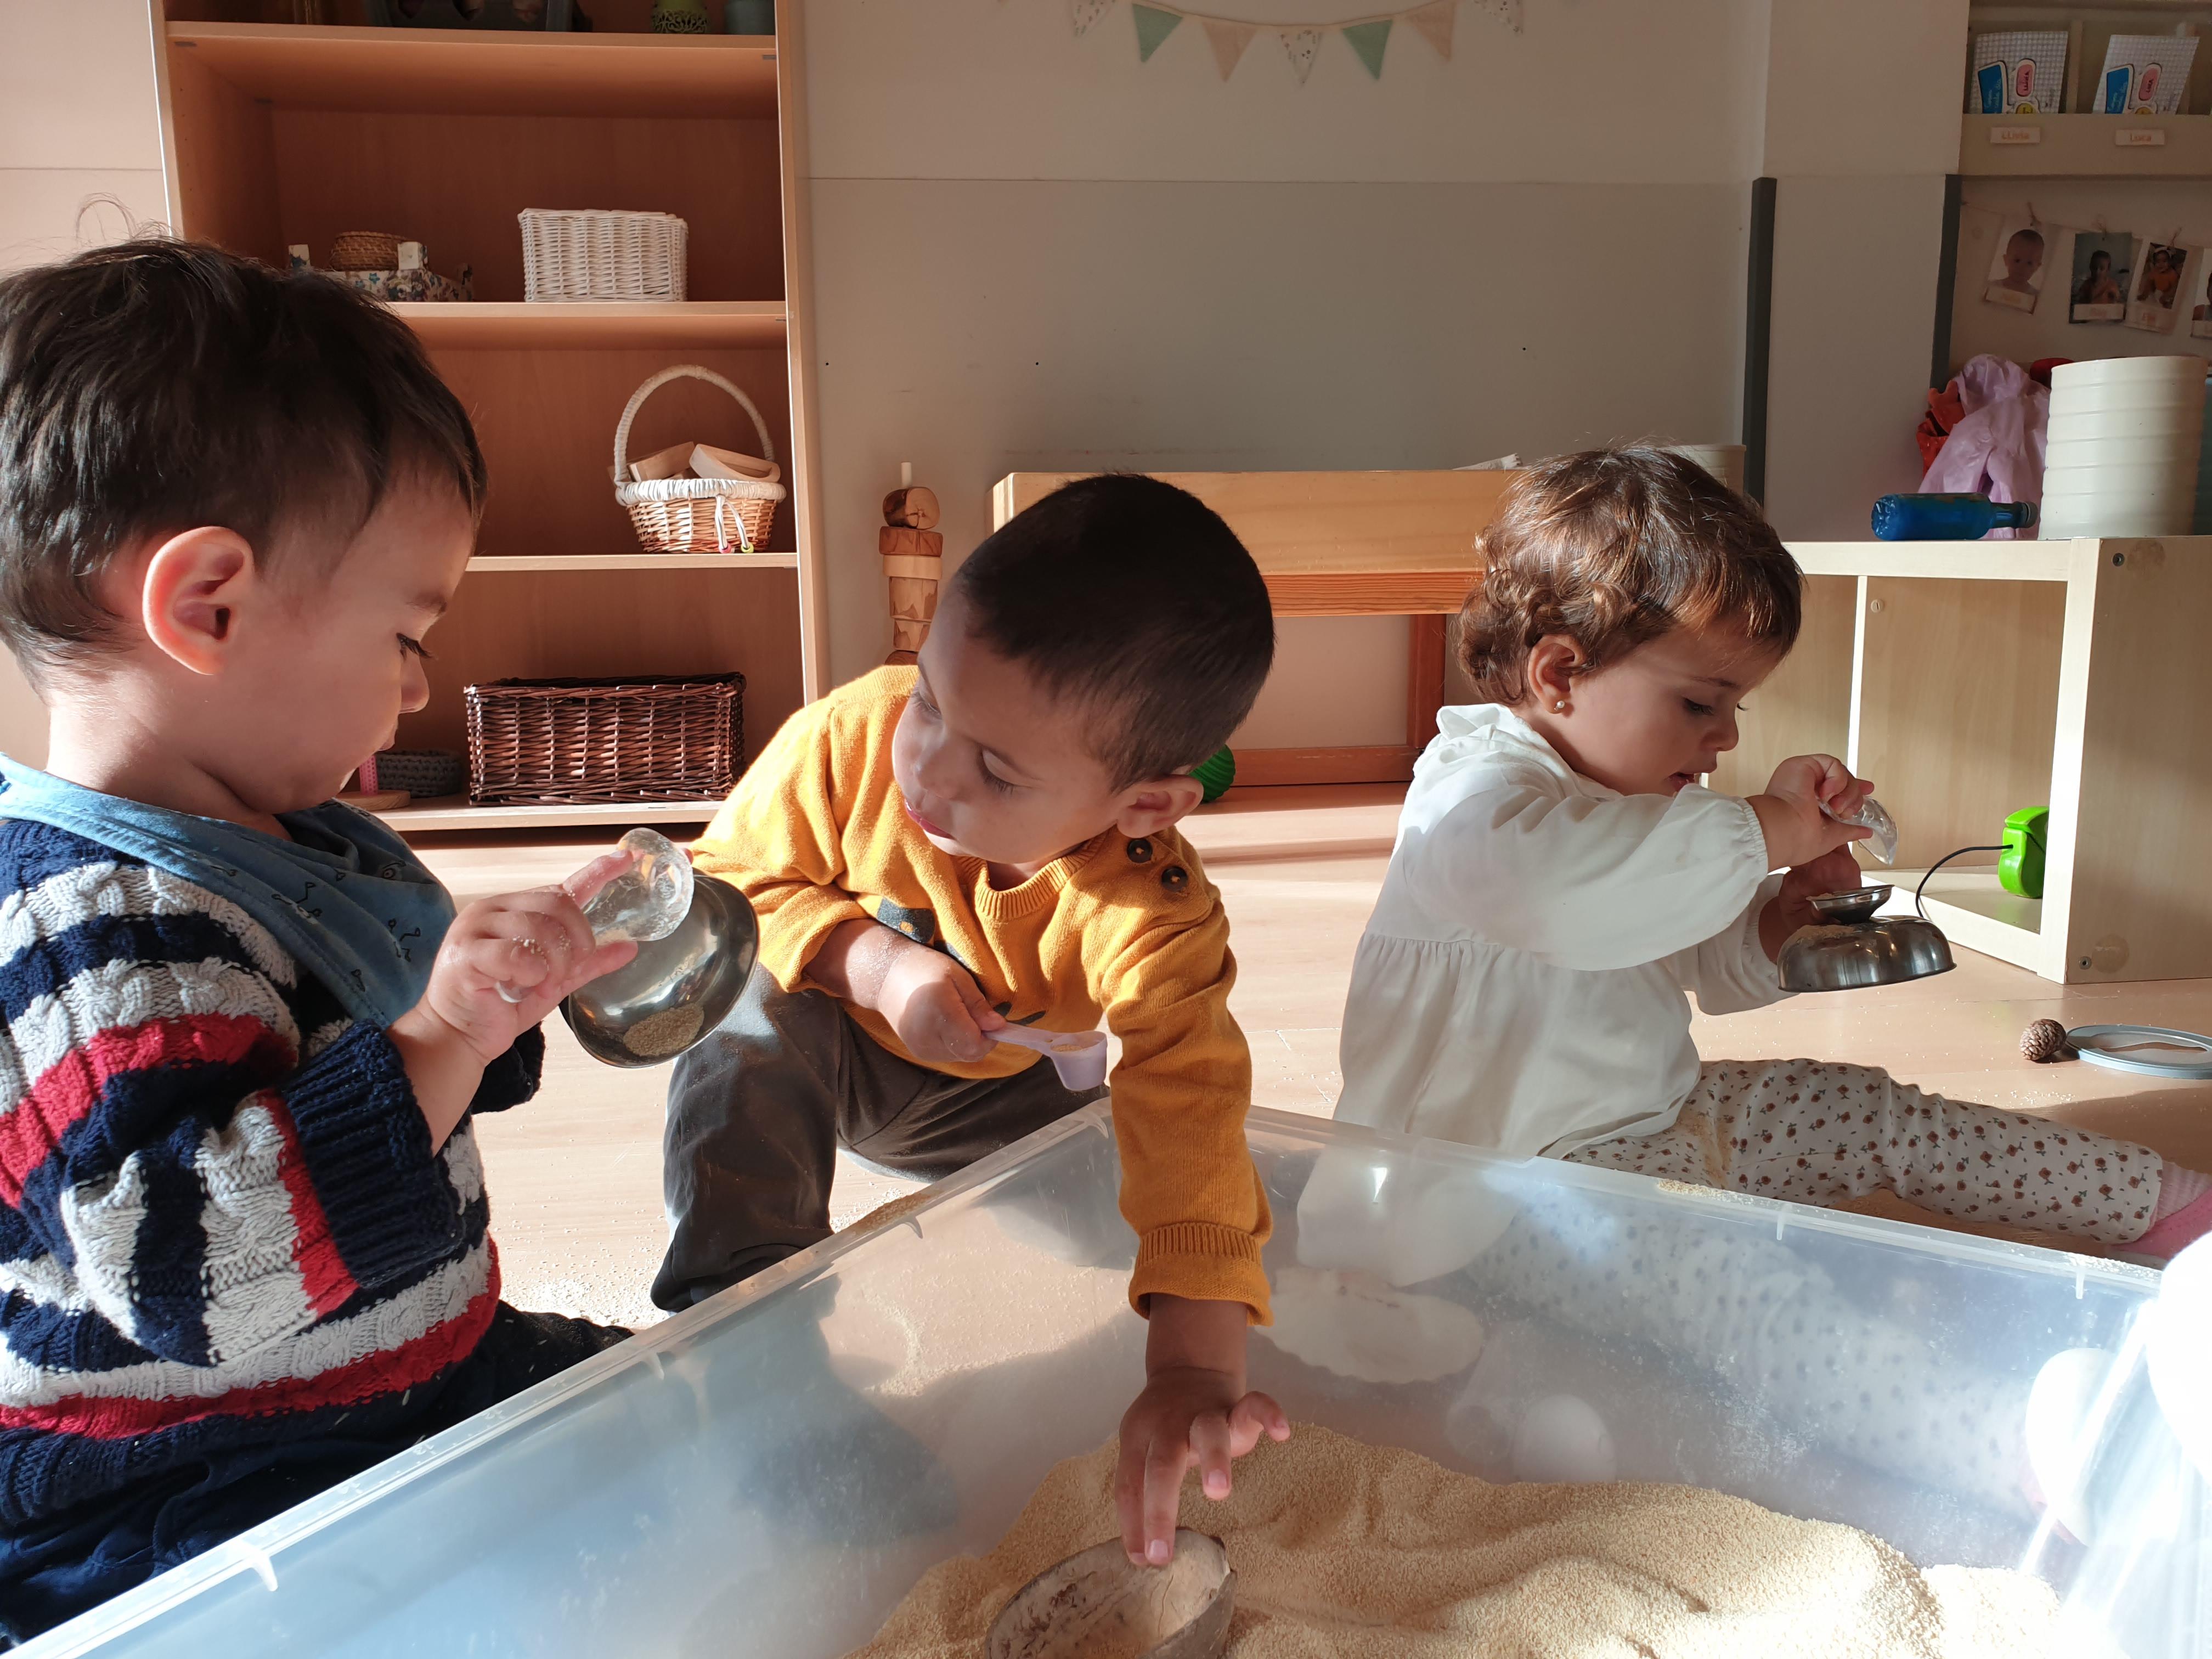 nens experimentant amb pa ratllat